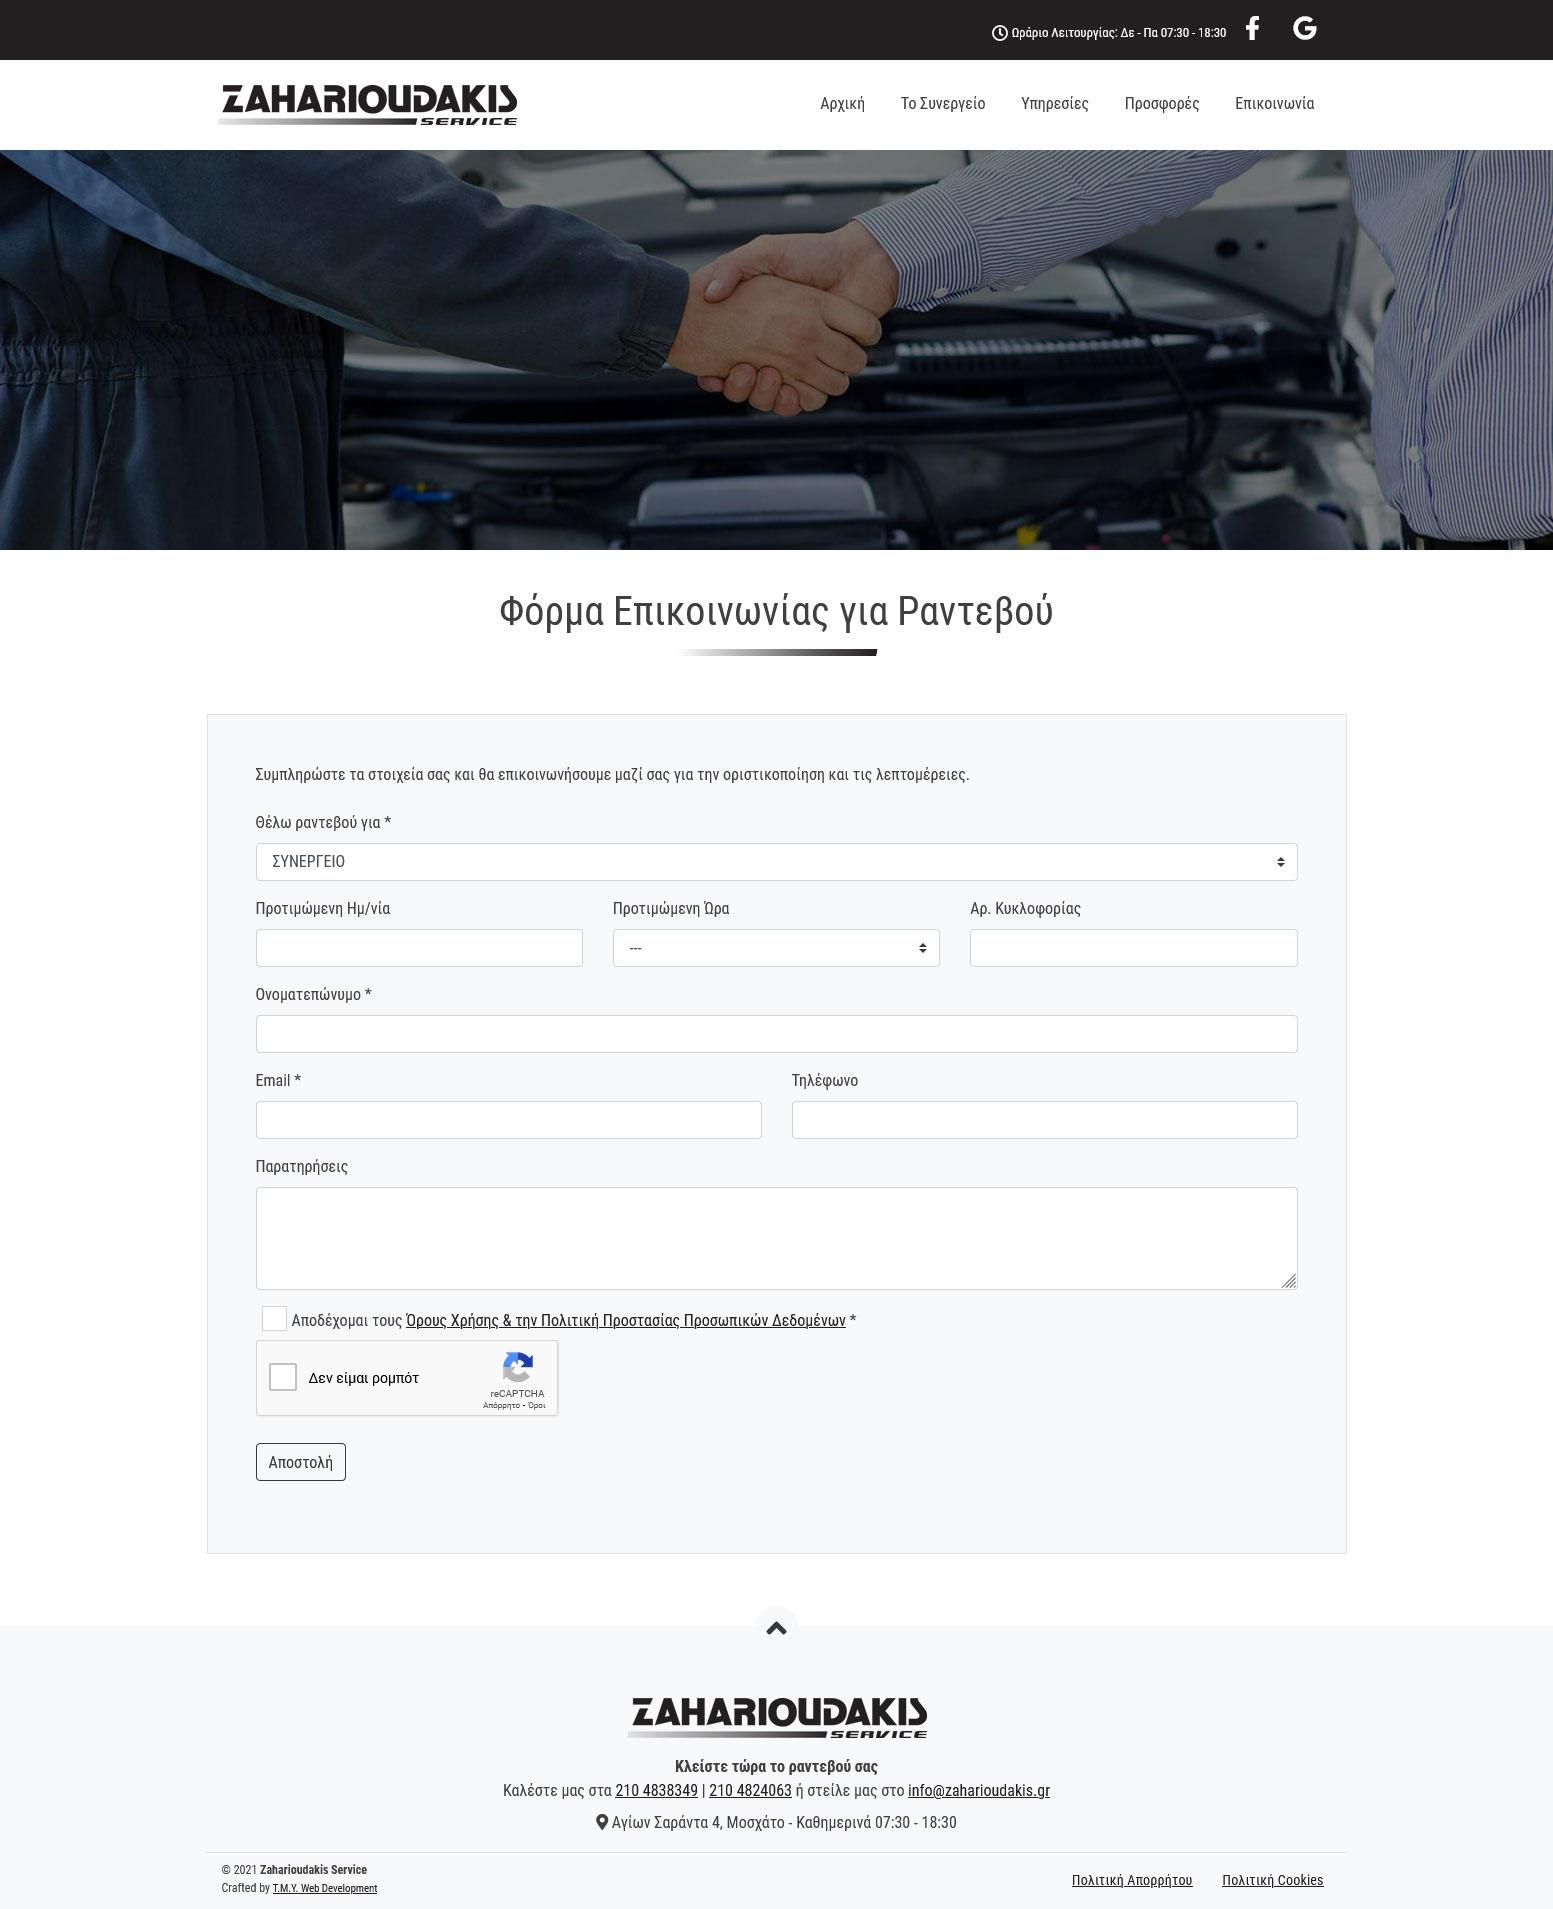 Zaharioudakis - Too Many Years Web Development